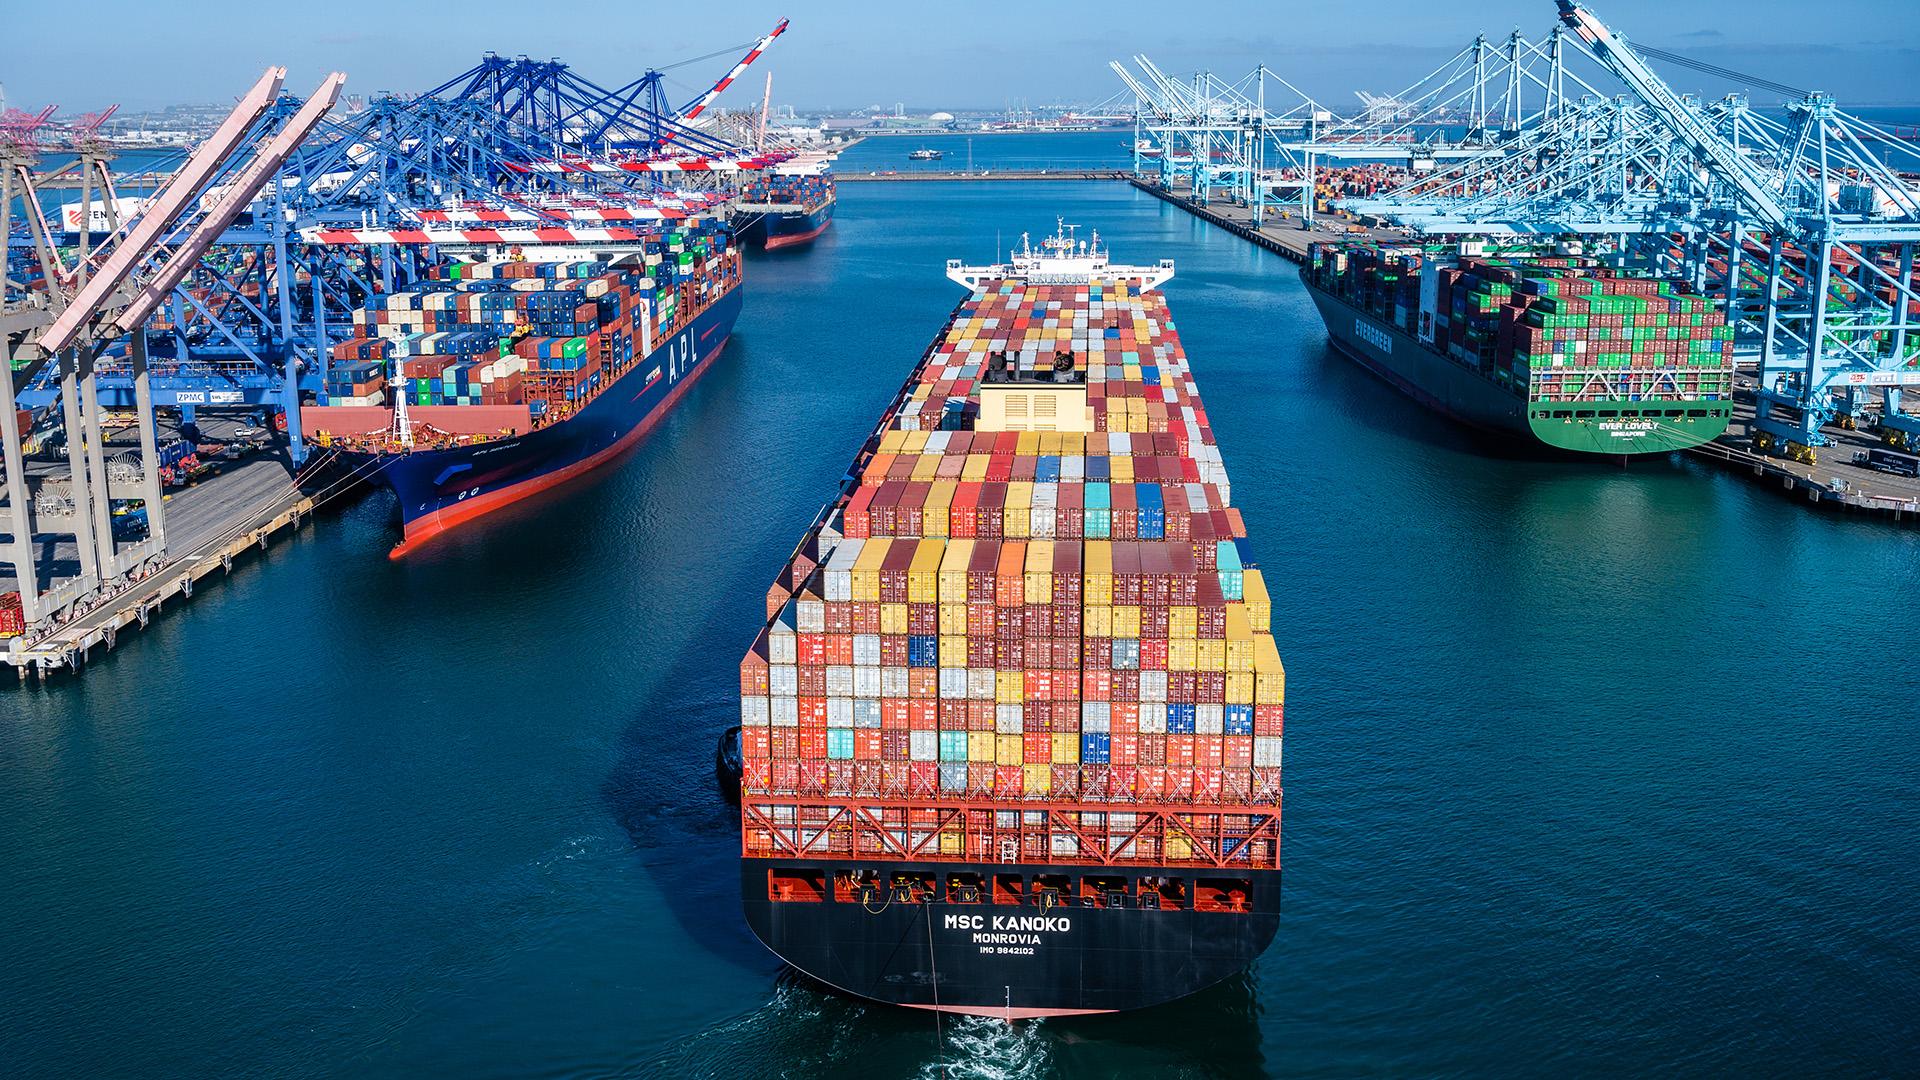 Szaleńcze wzrosty stawek kontenerowych, a oni zdecydowali się ich nie podwyższać. Kto zdobył się na taki krok?